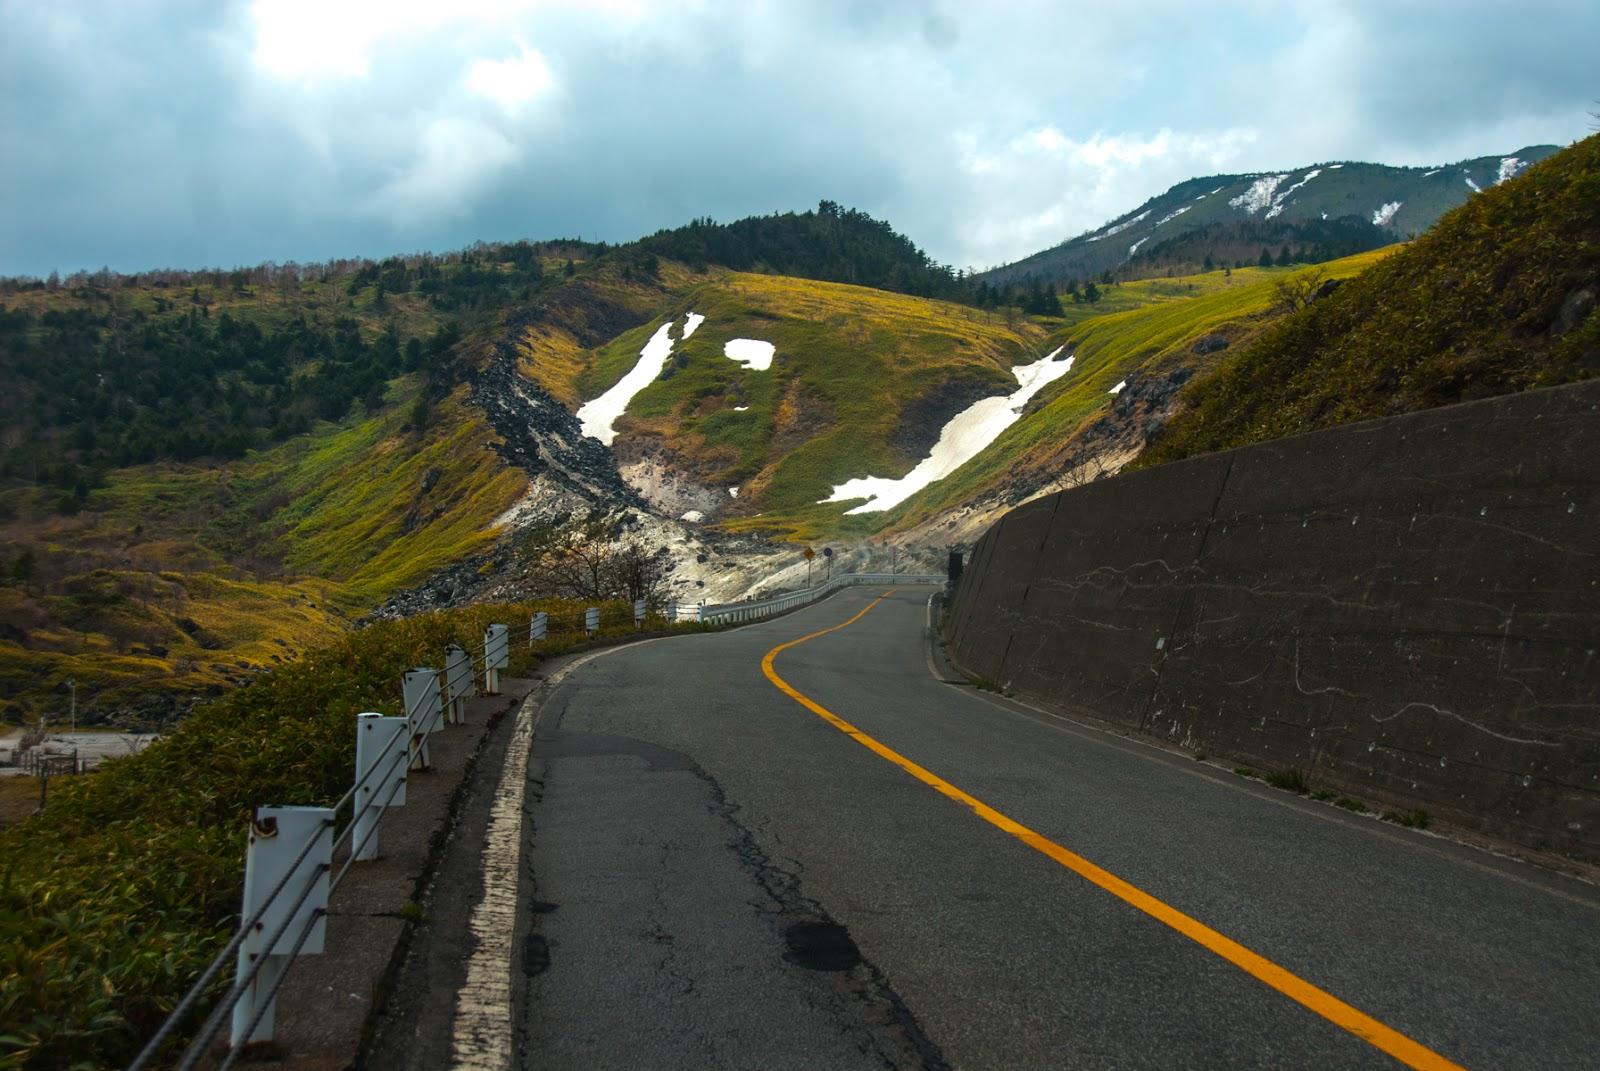 雪が少し残っている山道を通る